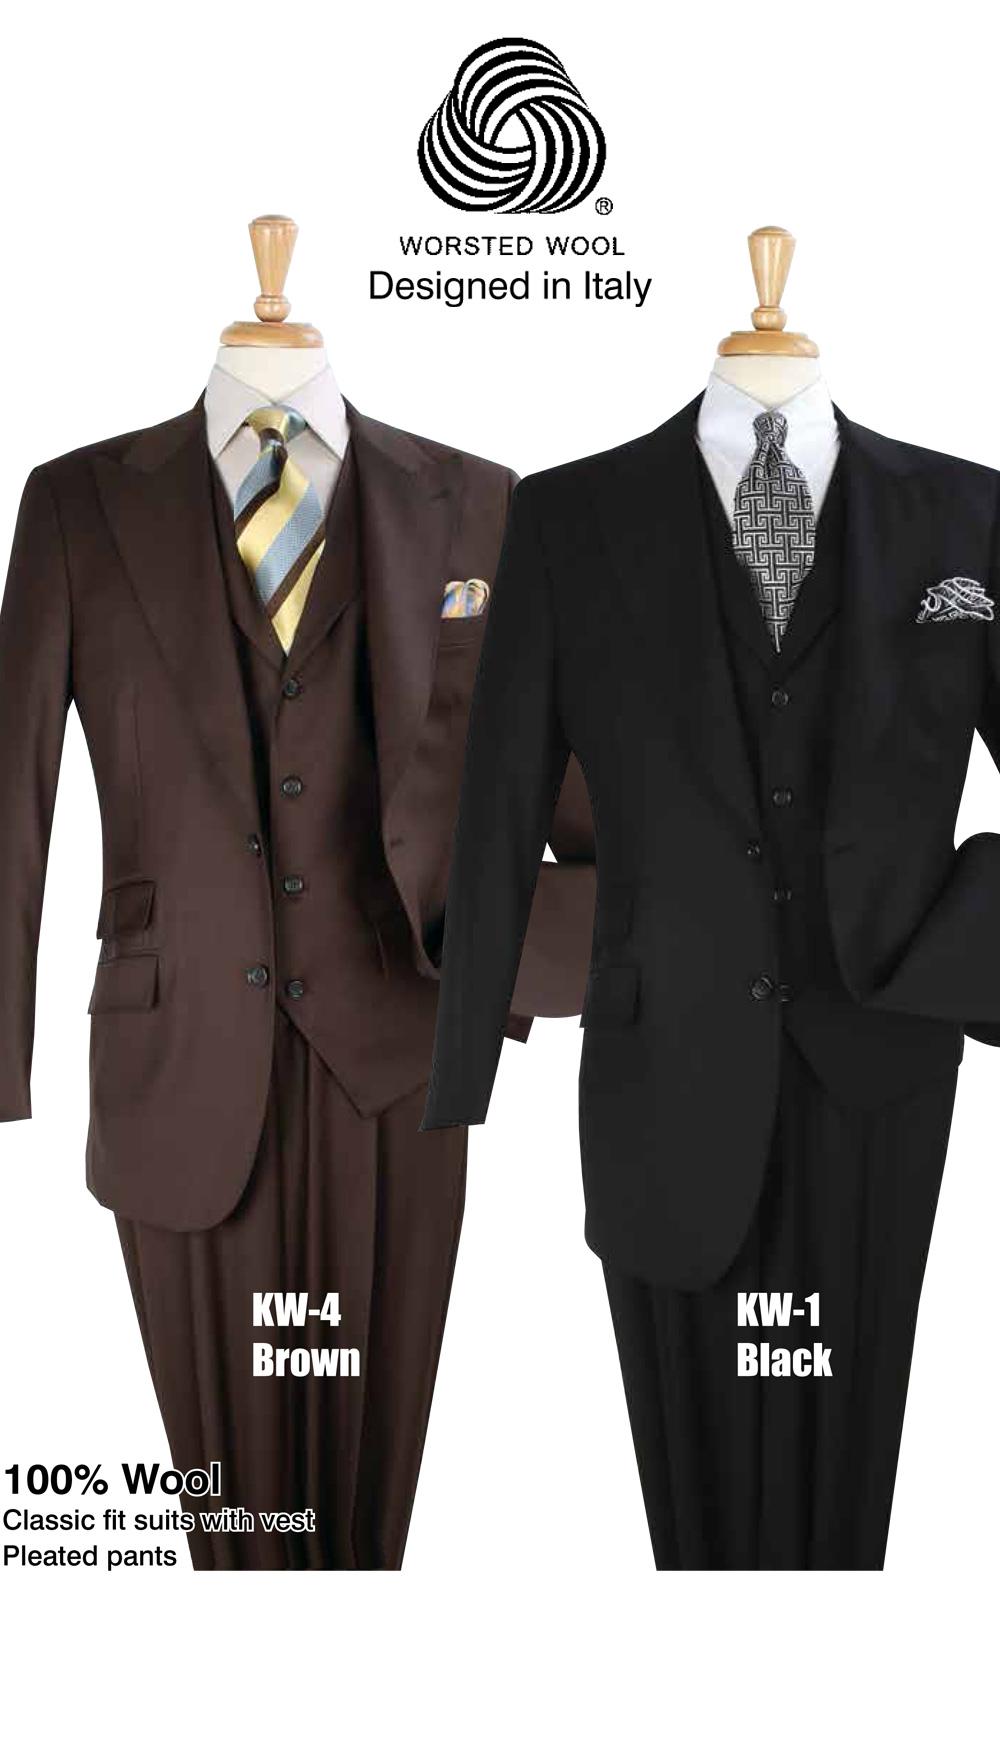 High Fashion Men Suits KW-4